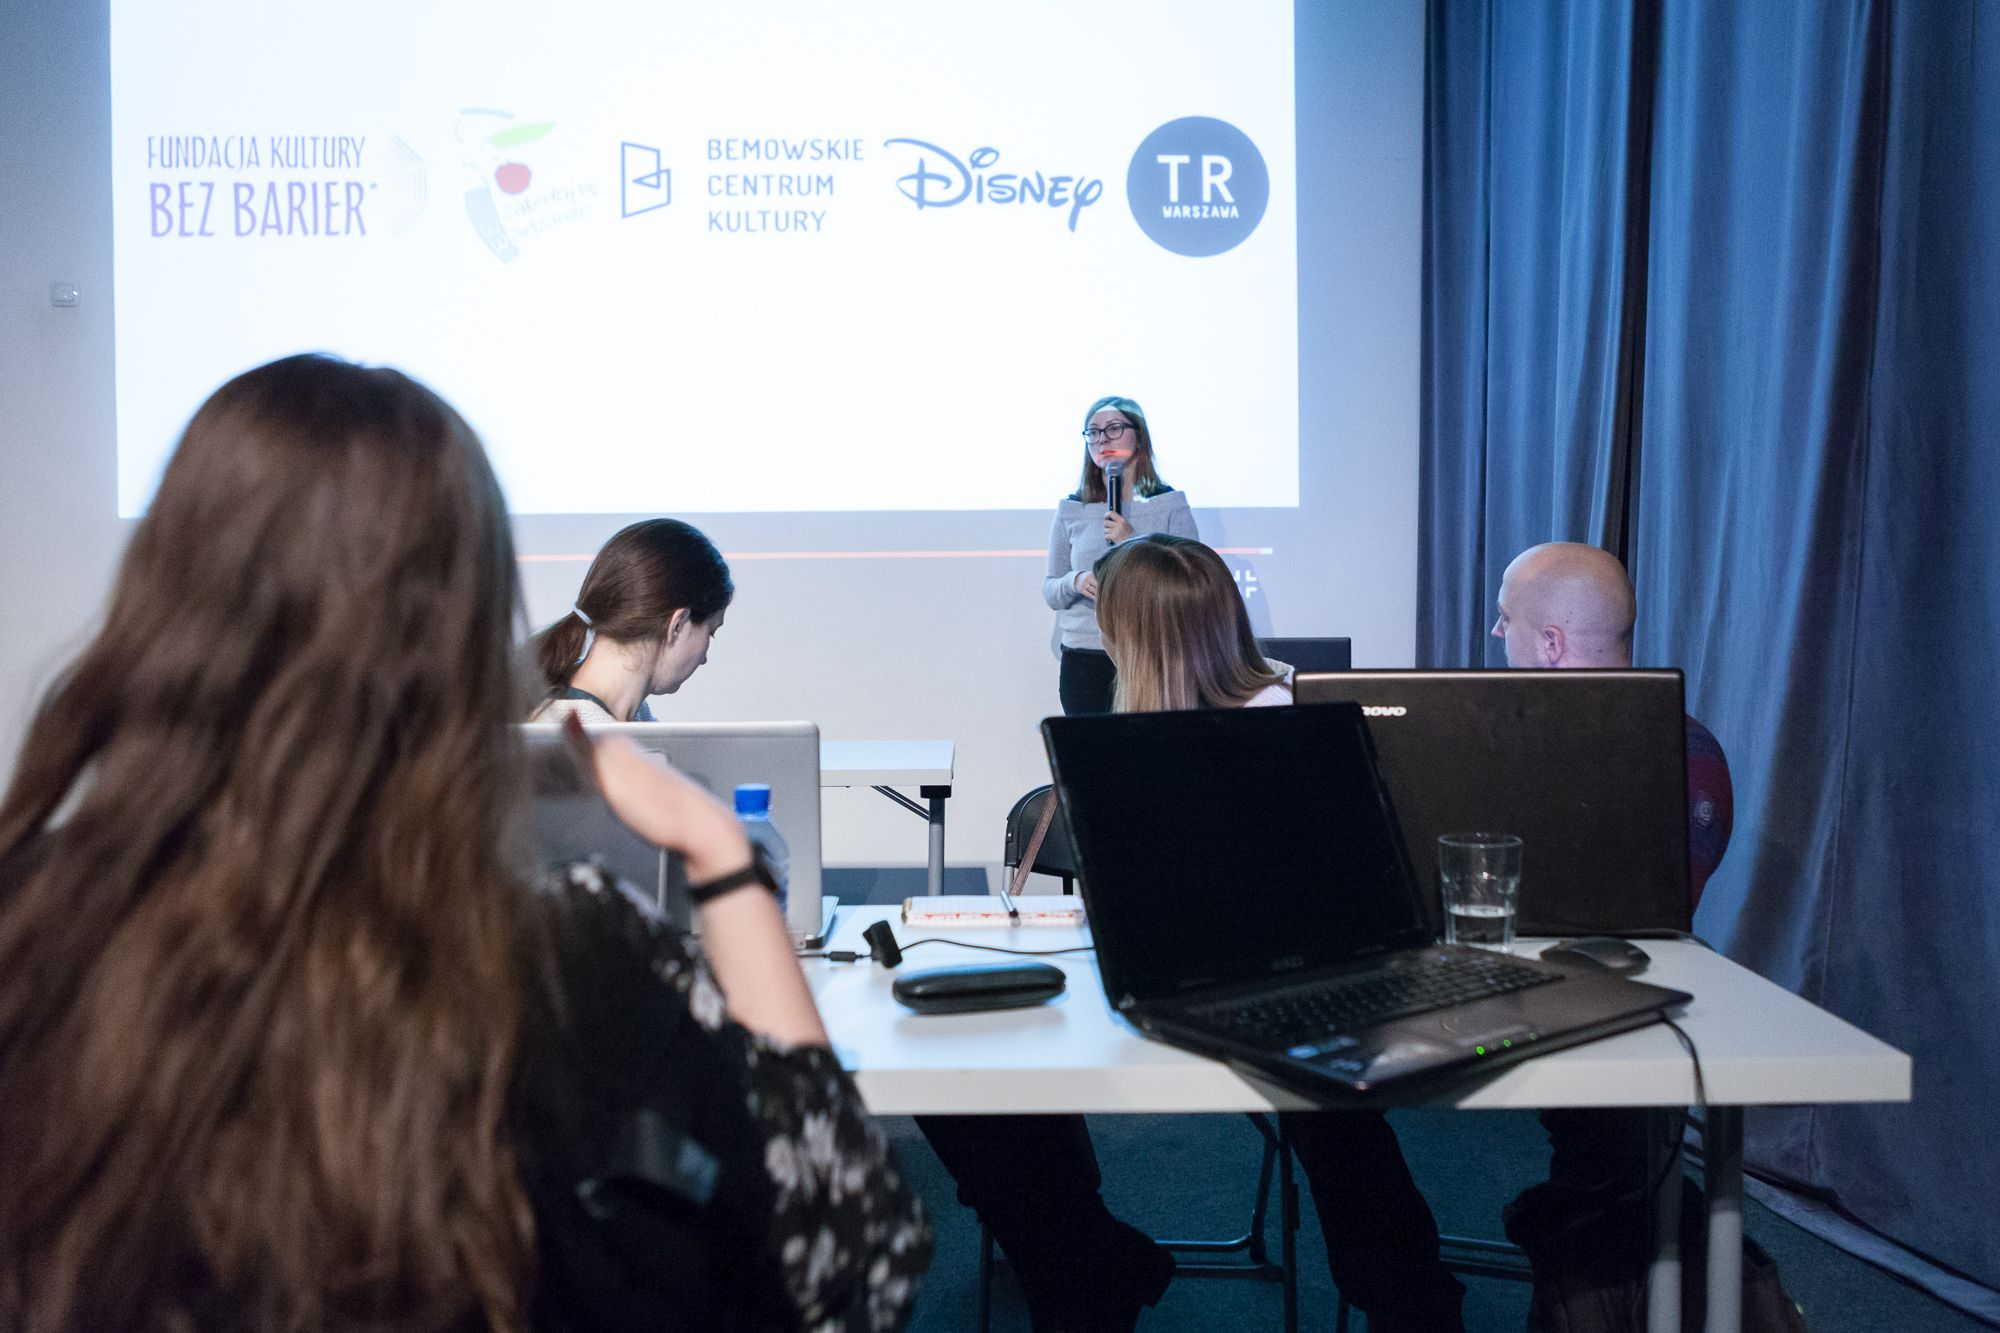 Inkubator Kultury | Audiodeskrypcja  [Na zdjęciu widać uczestników projektu przy komputerach, którzy oglądają kolejne slajdy.  Prowadząca omawia wyświetlane treści.  Na slajdzie znajdują się napisy razem z logo, tj. Fundacja kultury bez barier, Zakochaj się  w Warszawie, Bemowskie Centrum Kultury, Disney, TR Warszawa ]